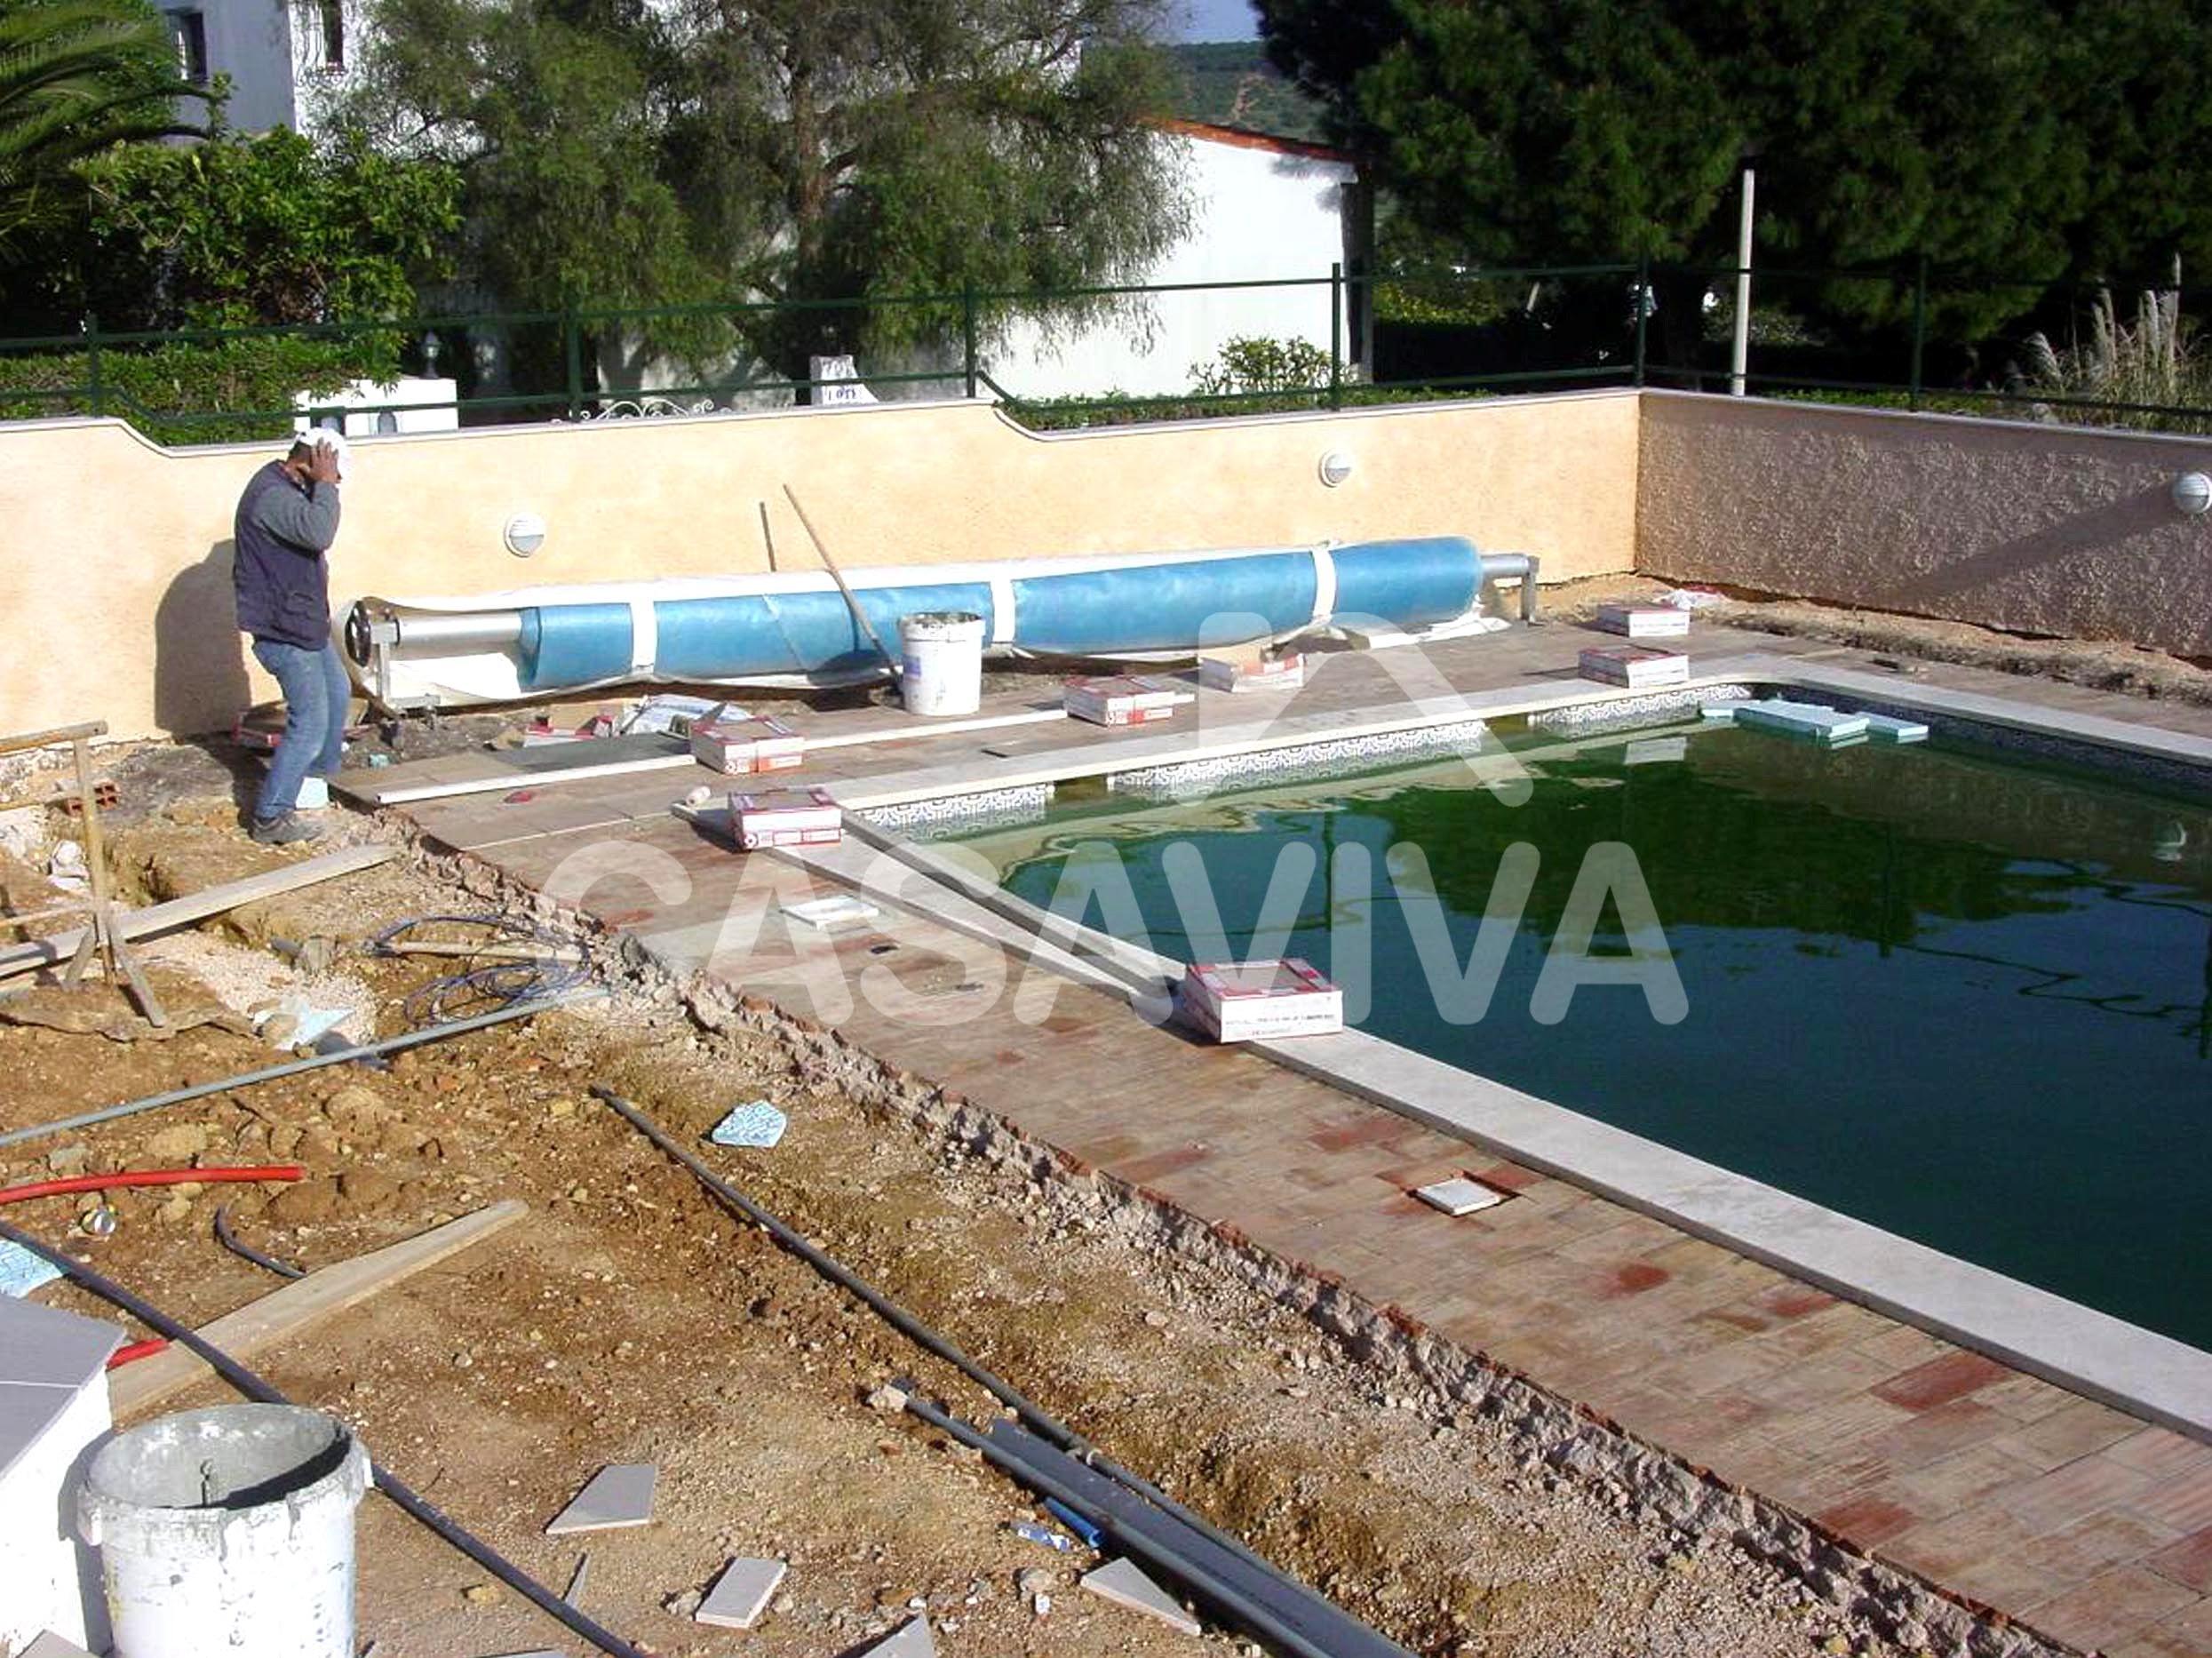 Portf lio revestimento de pavimento envolvente da piscina - Pavimentos para piscinas exteriores ...